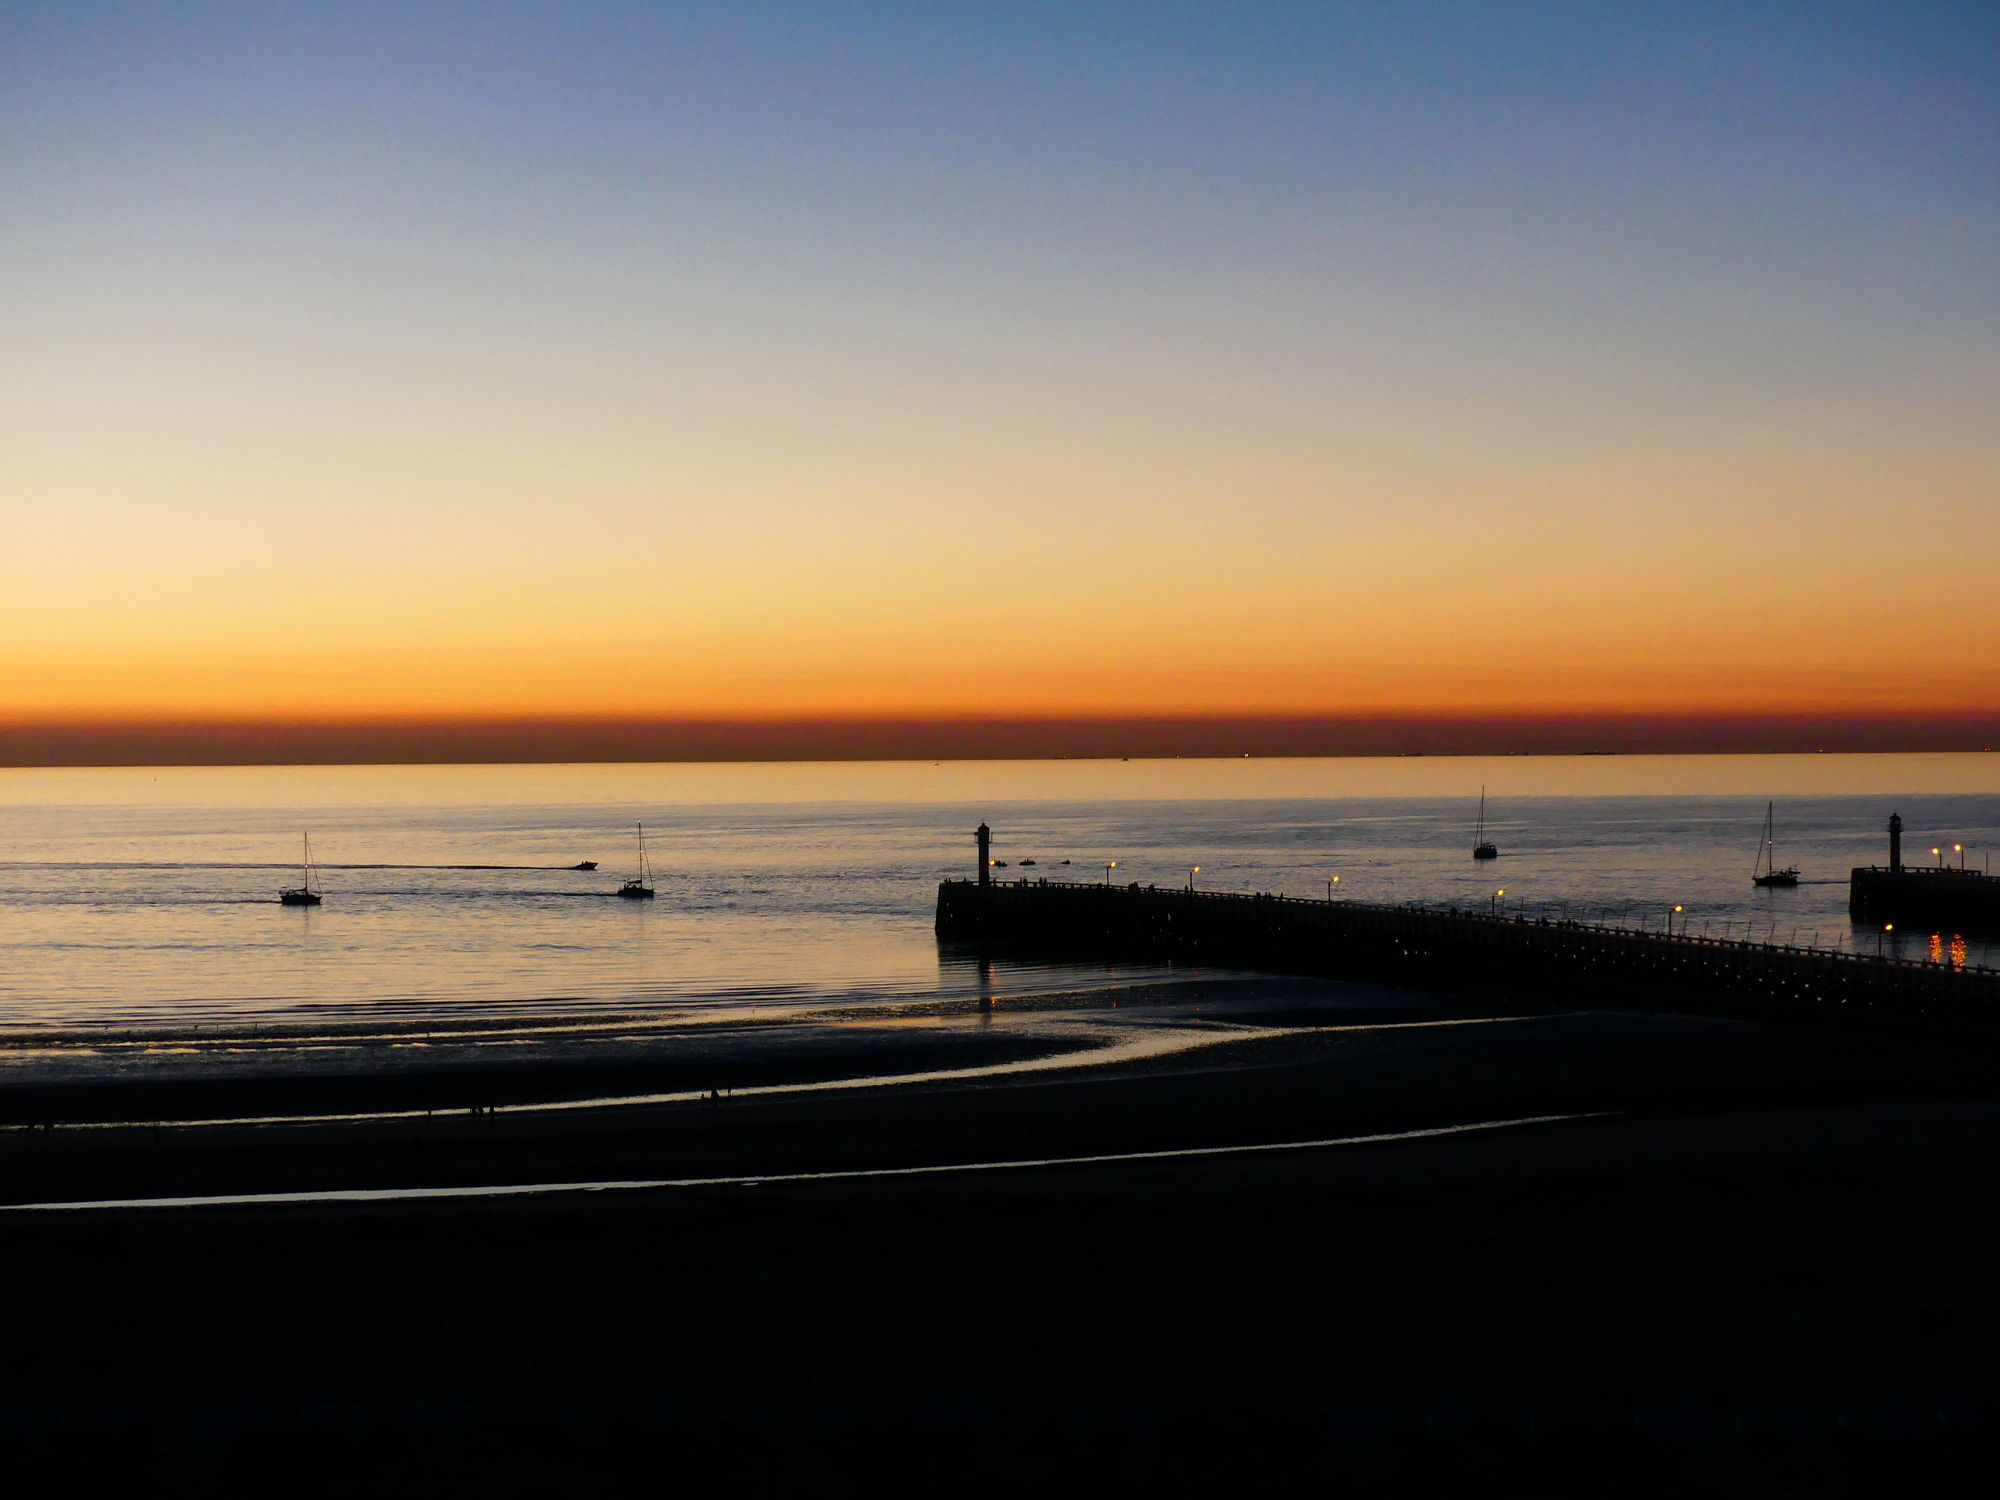 Bild mit Sonnenuntergang, Segelboote, Meer, Küste, Nordseeküste, Leuchtturm, Belgien